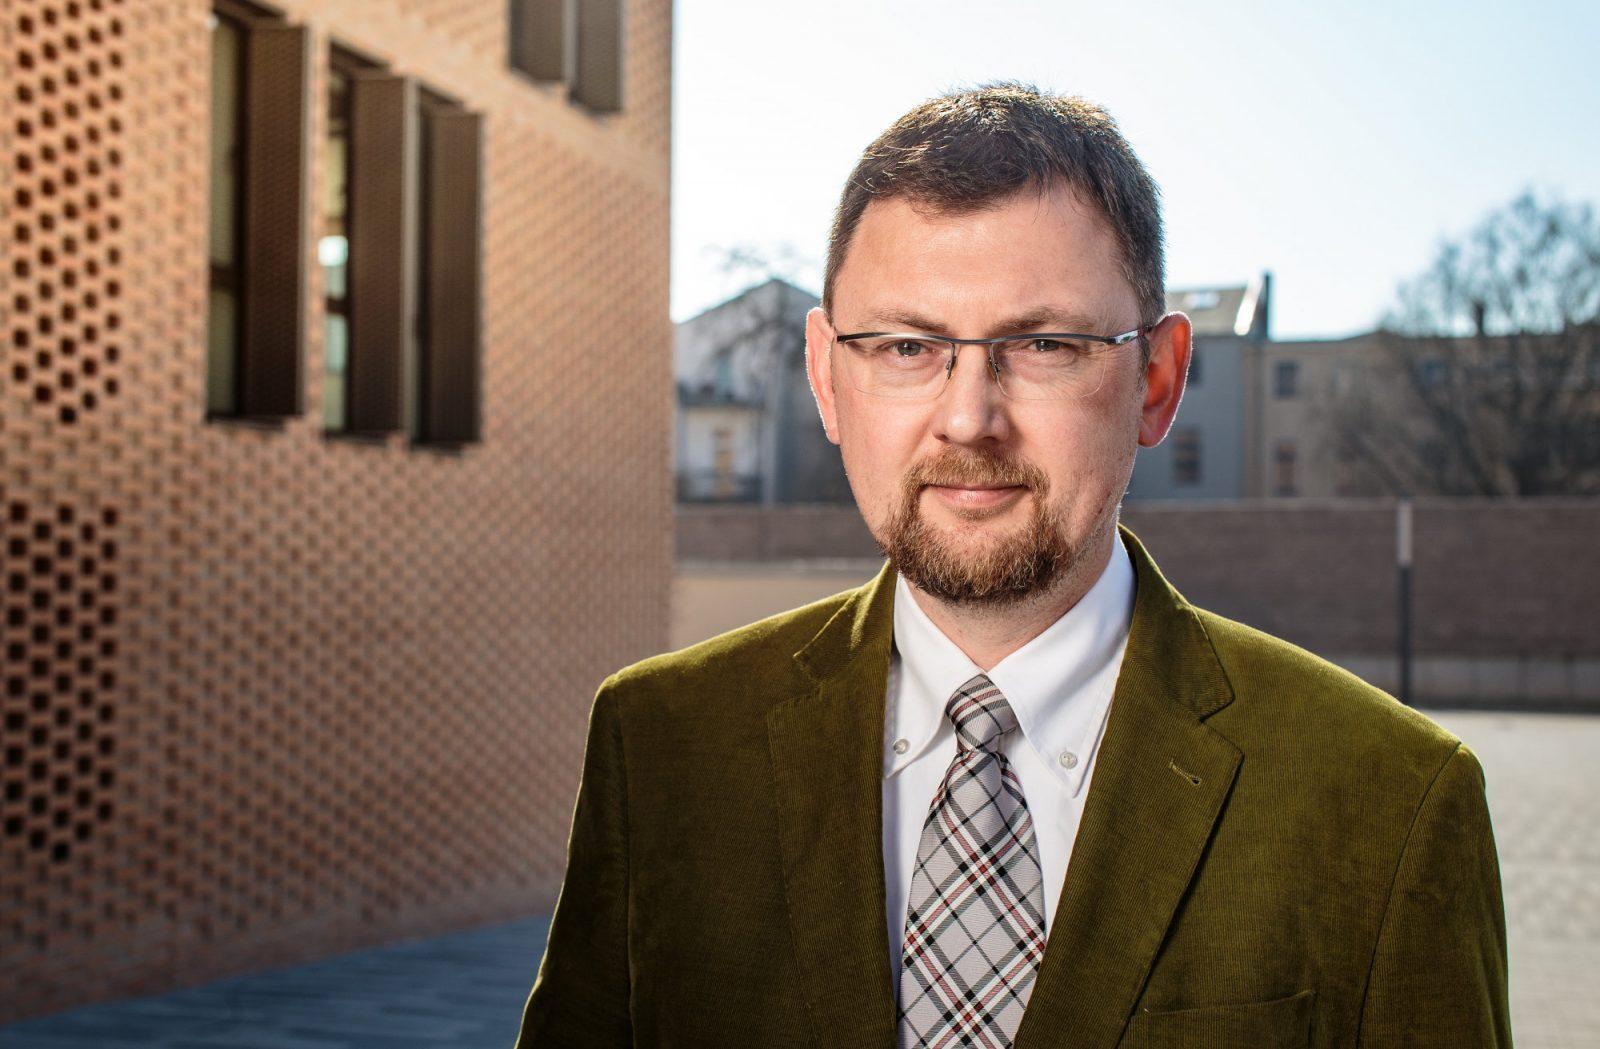 Rechtsanwalt Jens Pauleit